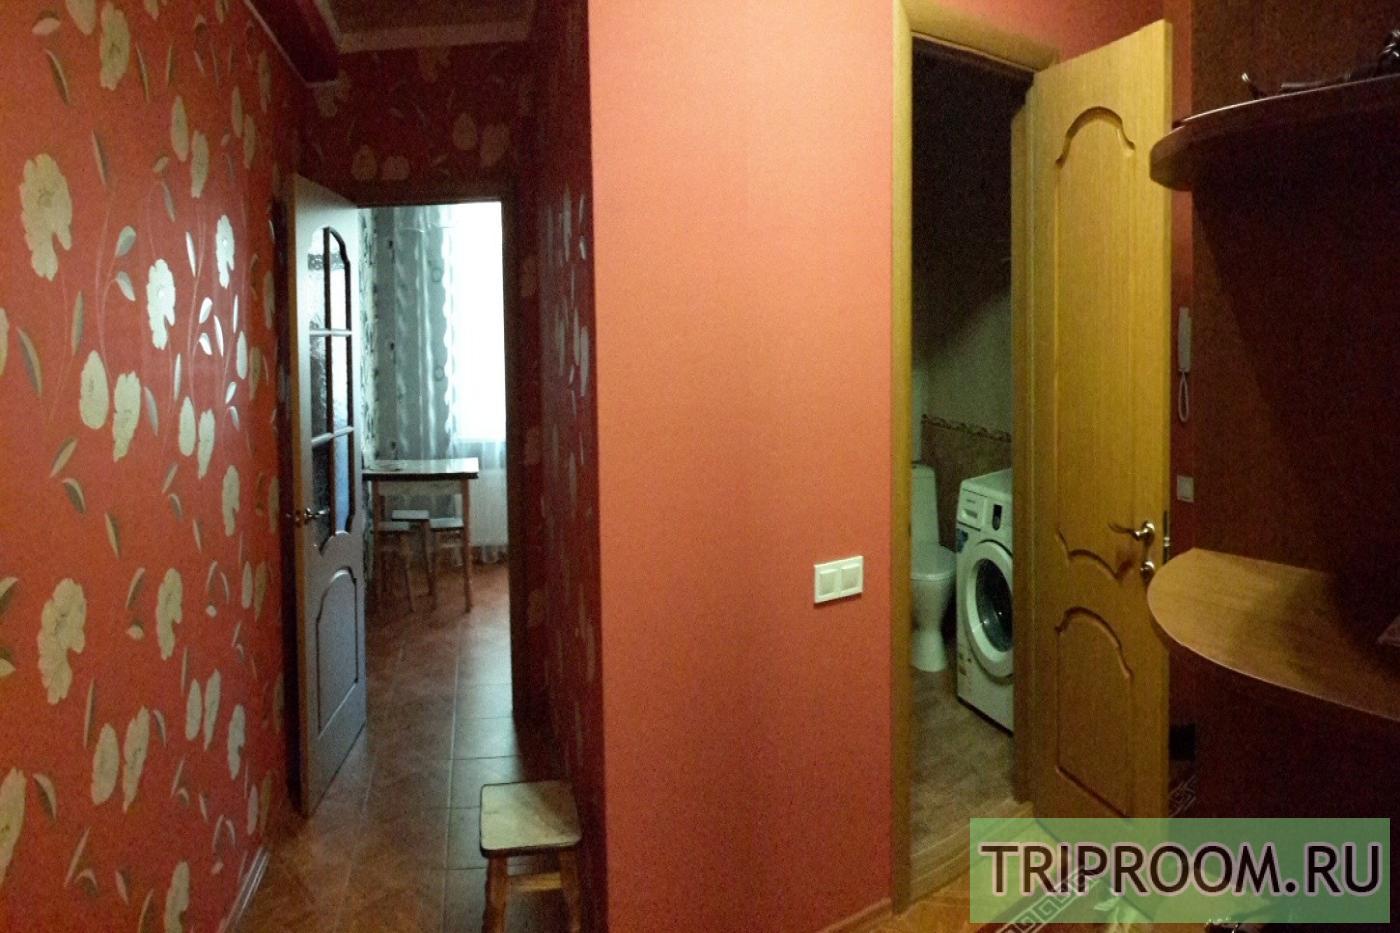 1-комнатная квартира посуточно (вариант № 1359), ул. Античный проспект, фото № 5